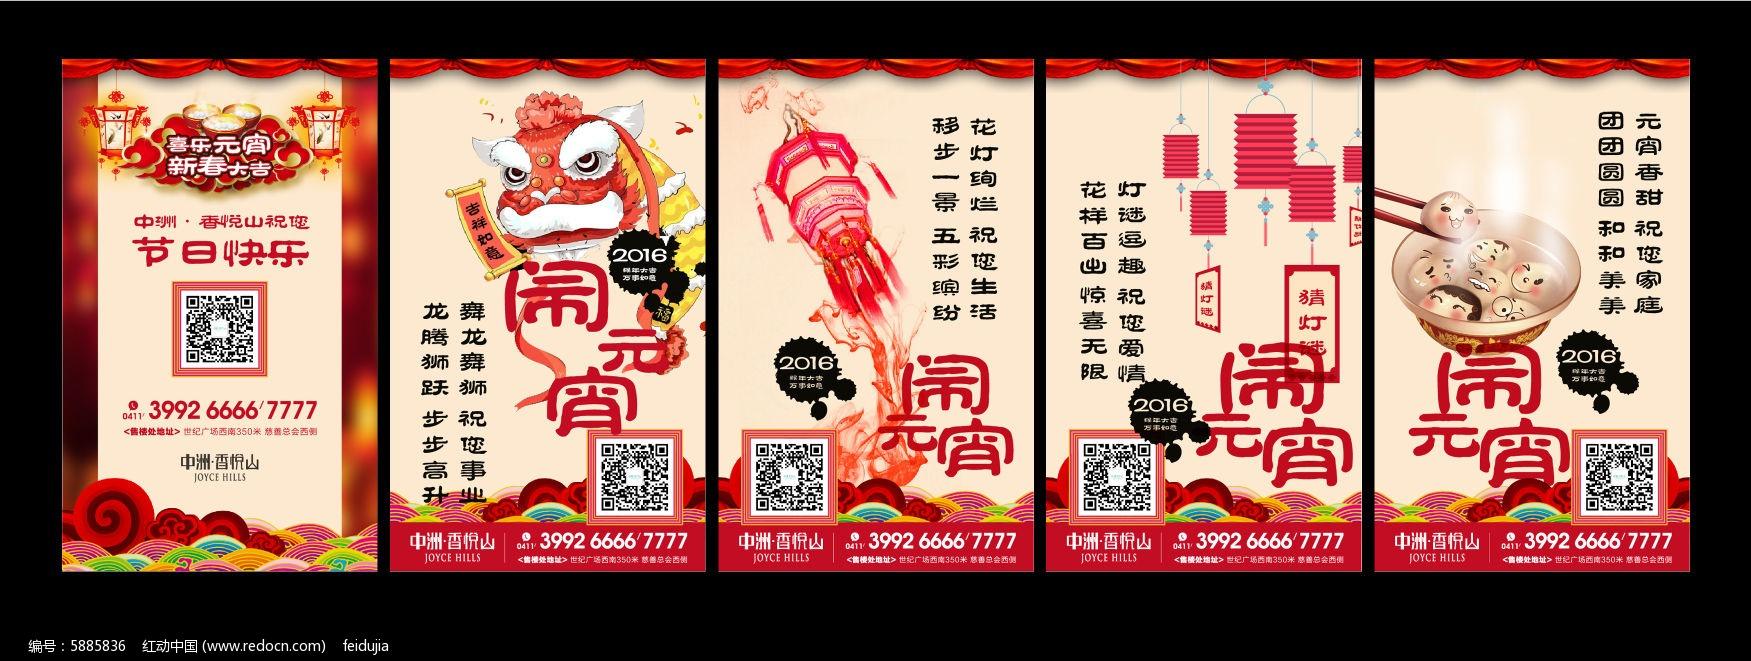 房地产手机微信元宵节电子海报图片